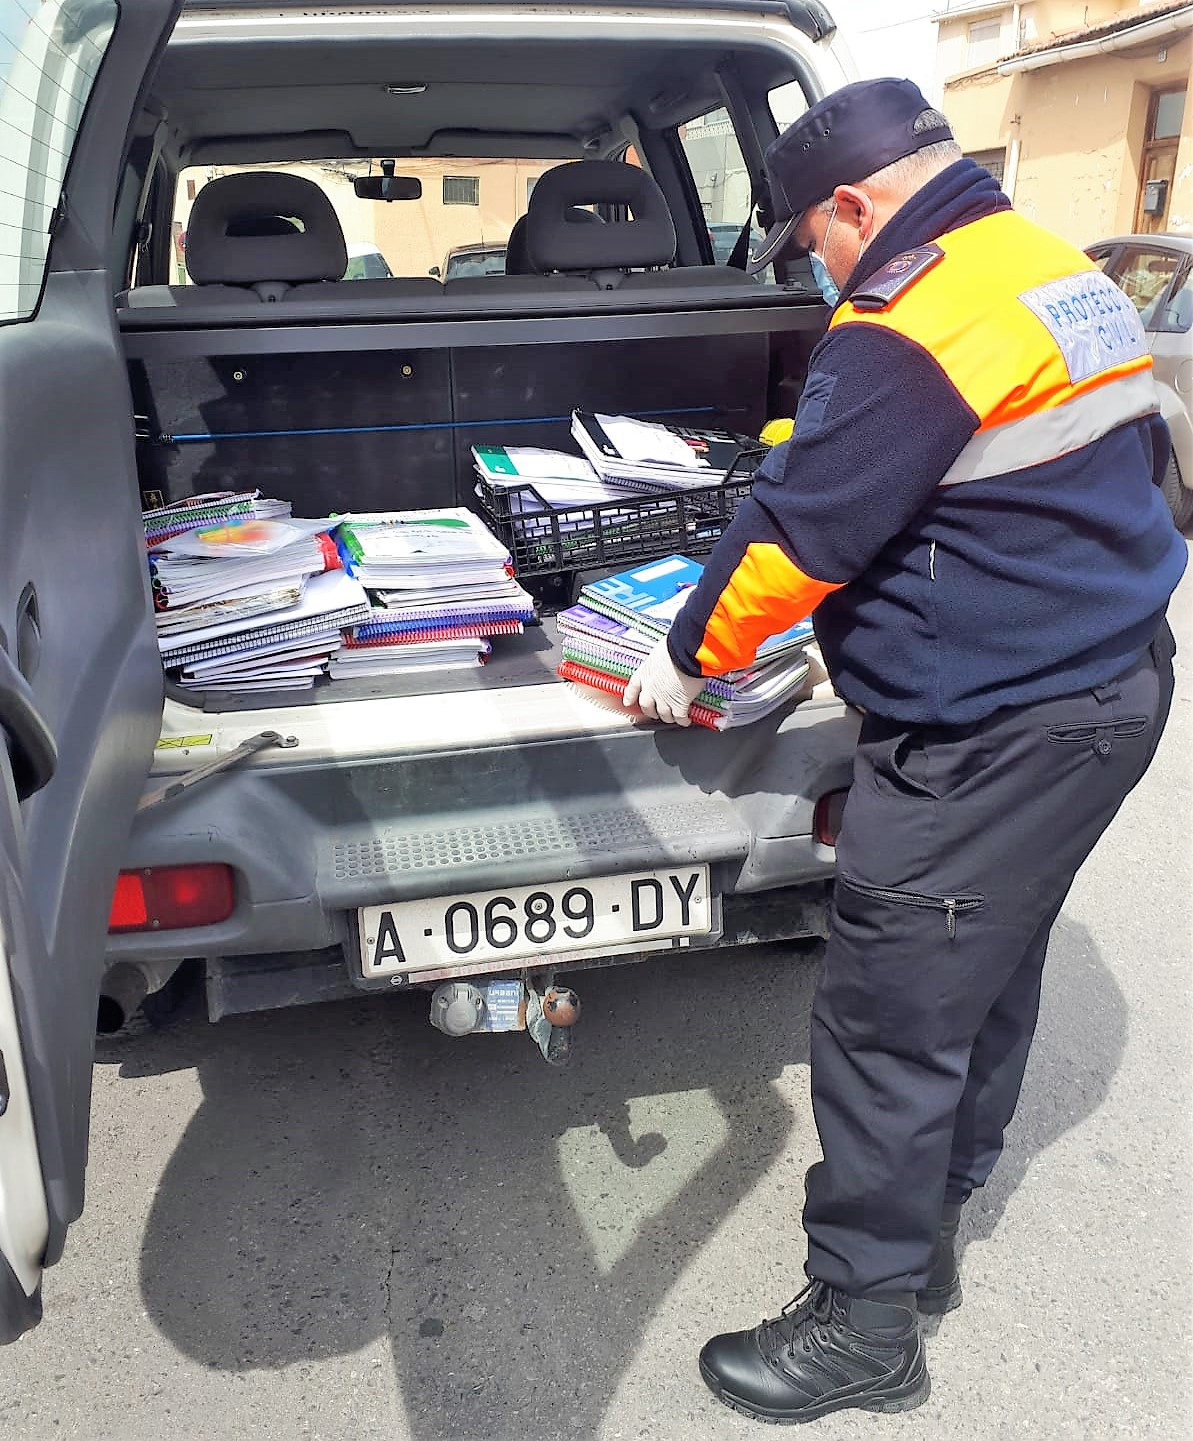 El Ayuntamiento de Elda ya ha repartido las tareas y el material escolar a más de 250 alumnos y alumnas de familias sin medios